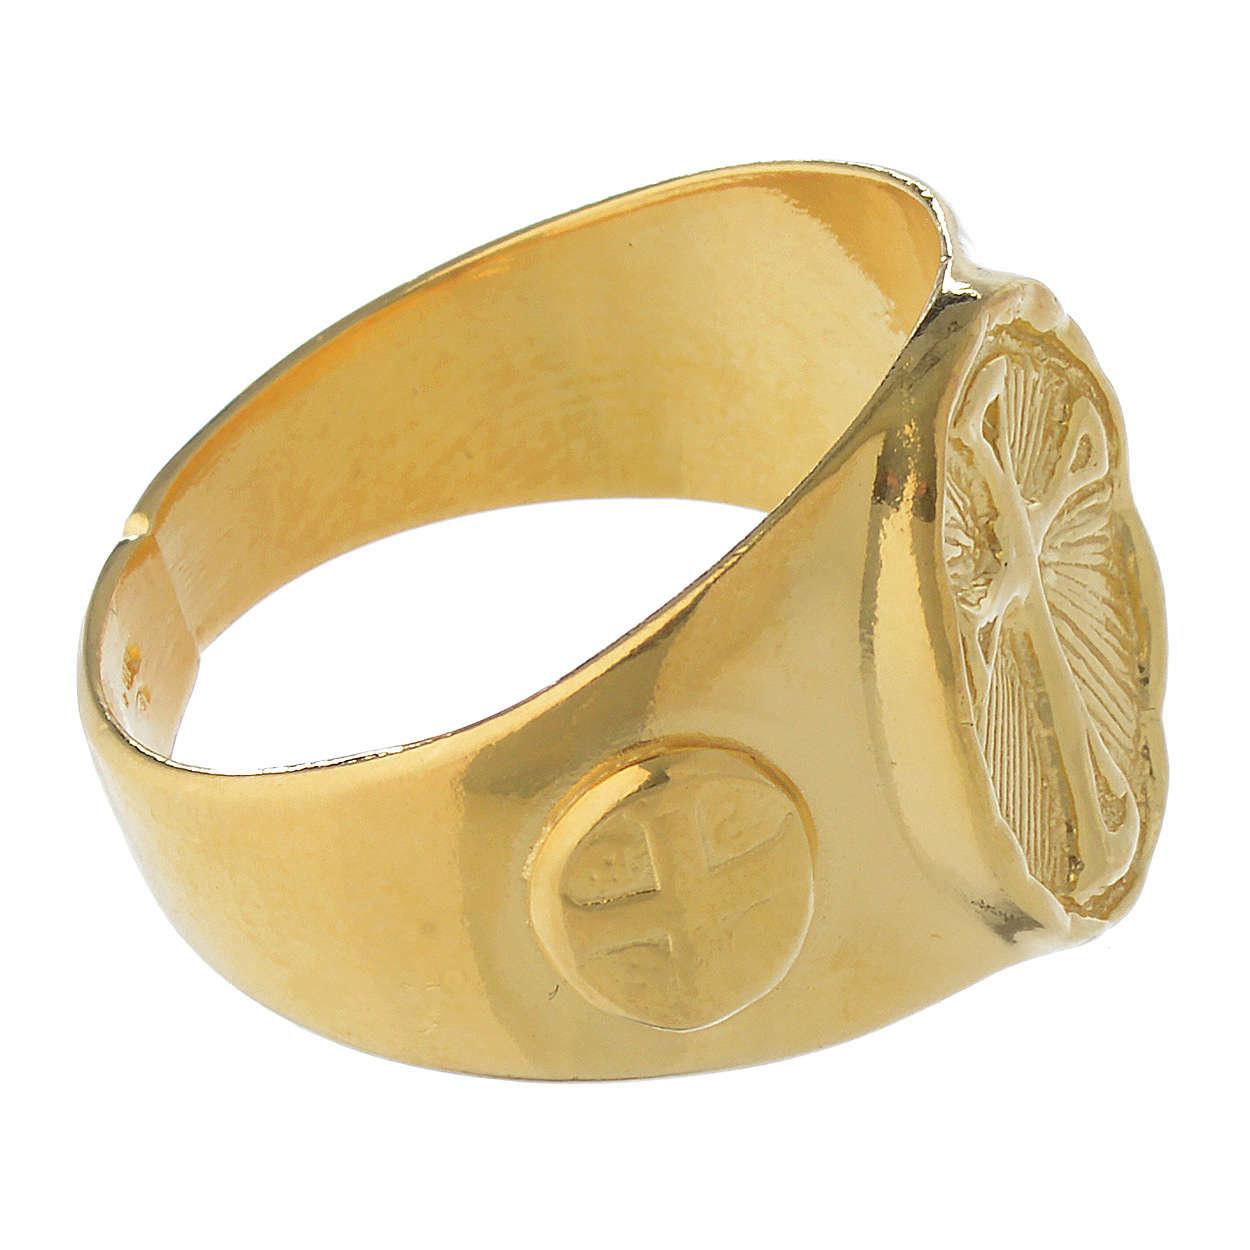 Anello episcopale argento 925 dorato 3